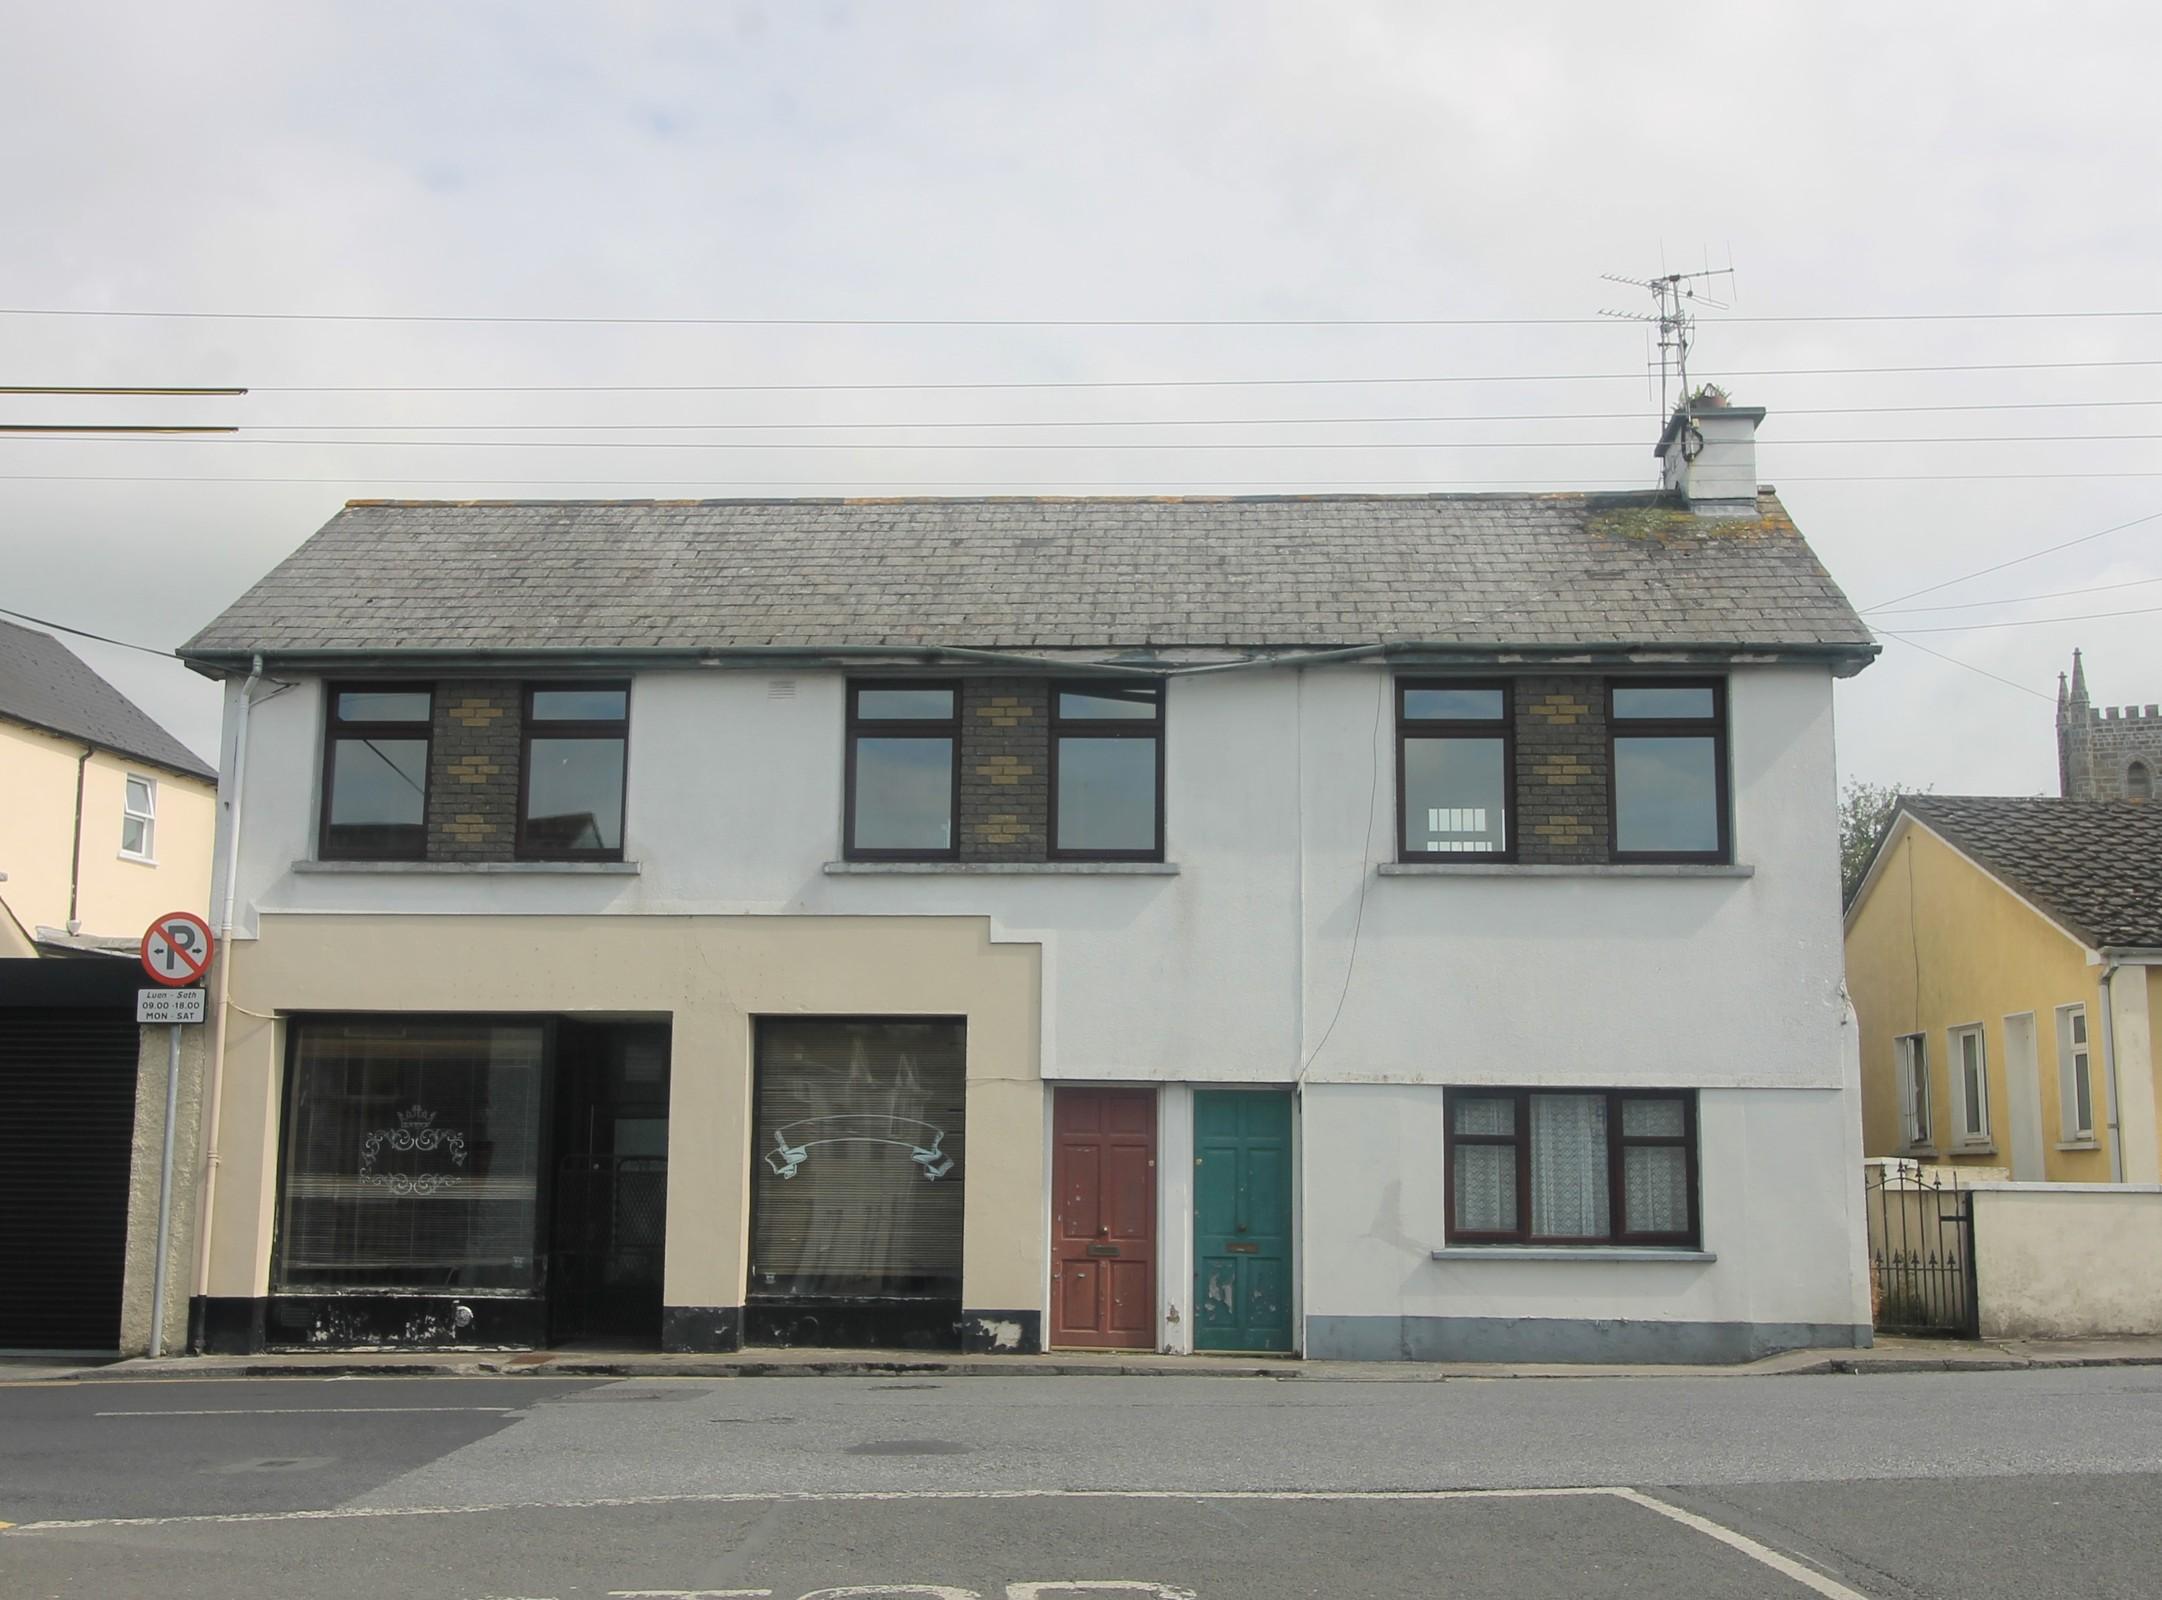 Dooley's House, Rosemount, Roscrea, Co. Tipperary